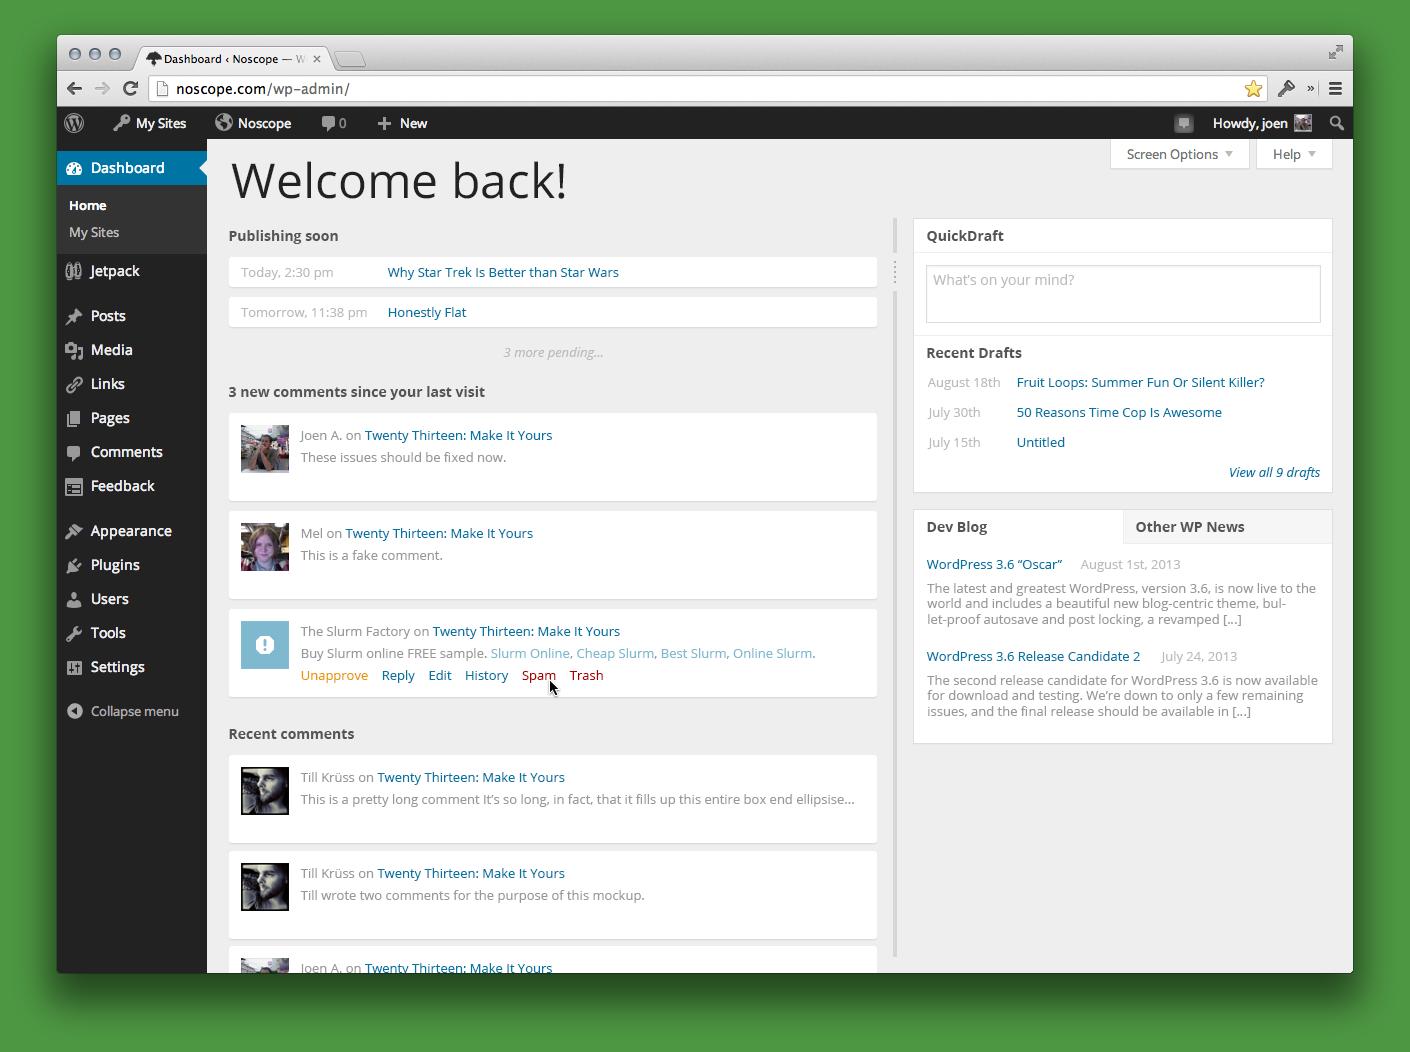 Новый экран консоли WordPress